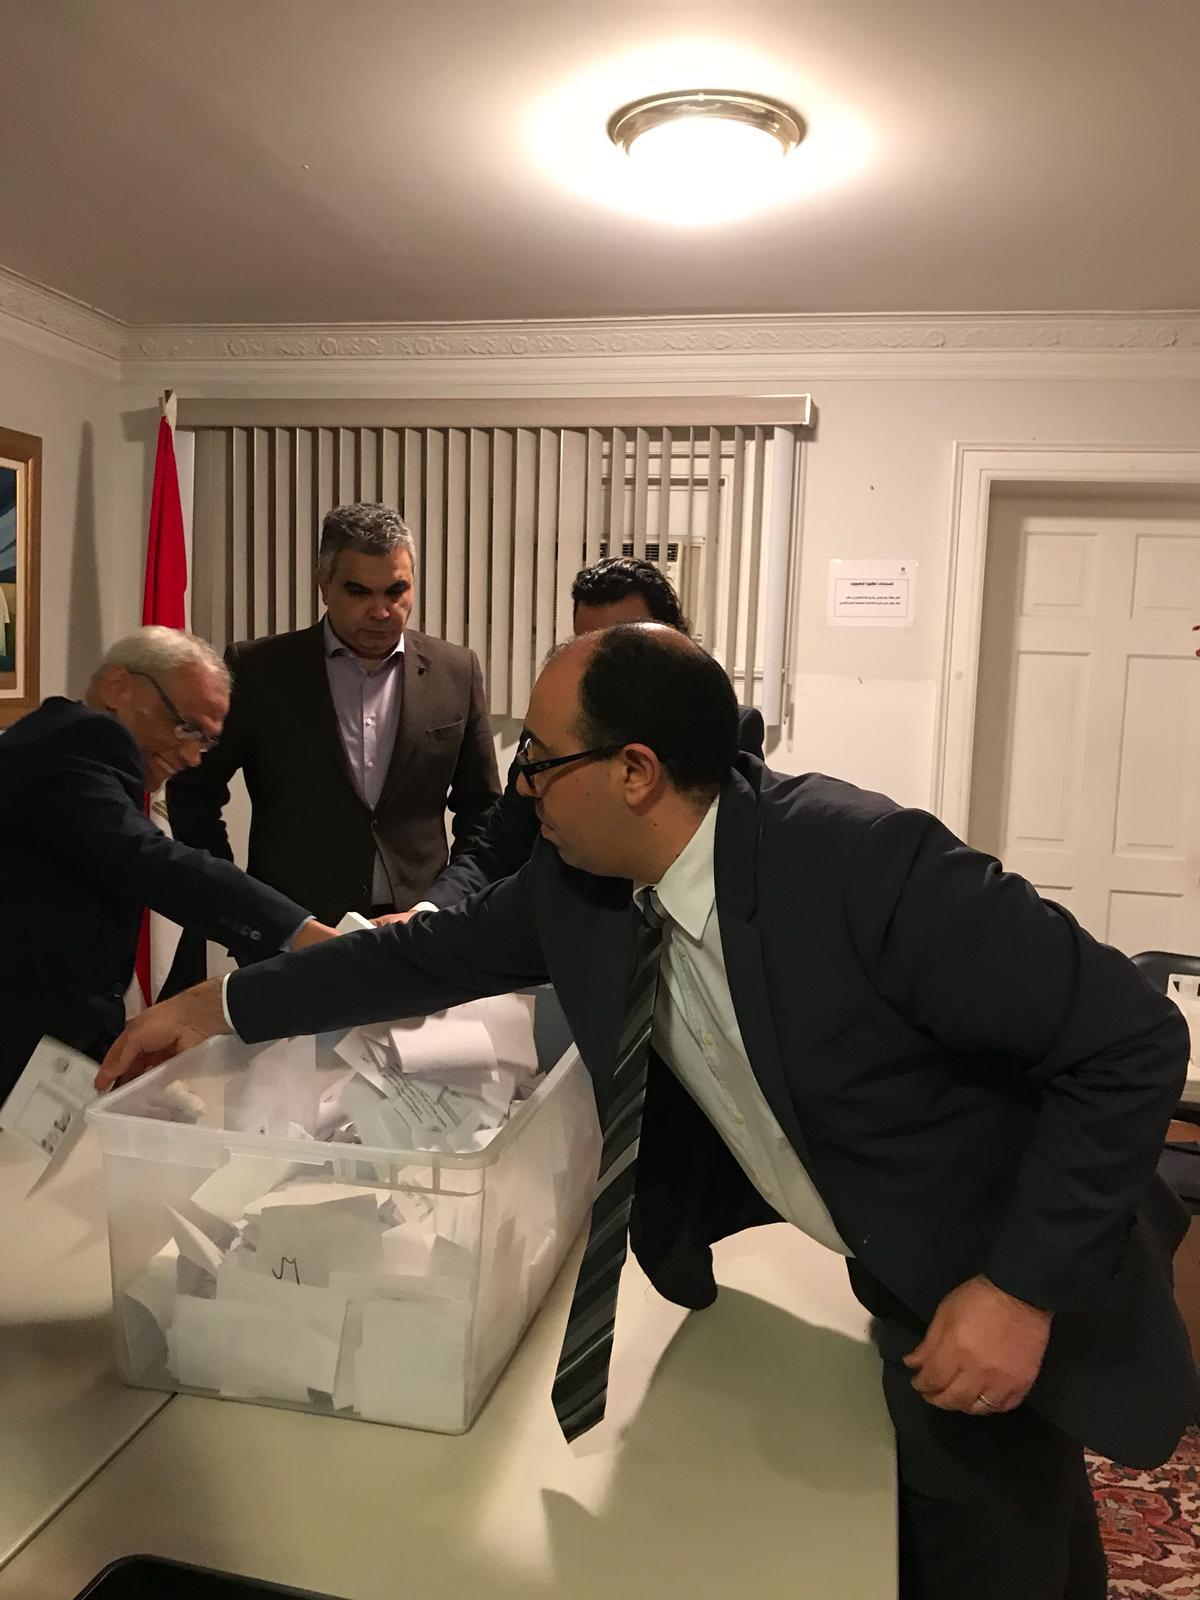 سفارة مصر بكندا تنتهى من فرز أصوات الناخبين 150365-%D8%AE%D9%84%D8%A7%D9%84-%D8%B9%D9%85%D9%84%D9%8A%D8%A9-%D9%81%D8%B1%D8%B2-%D8%A7%D9%84%D8%A7%D8%B5%D9%88%D8%A7%D8%AA